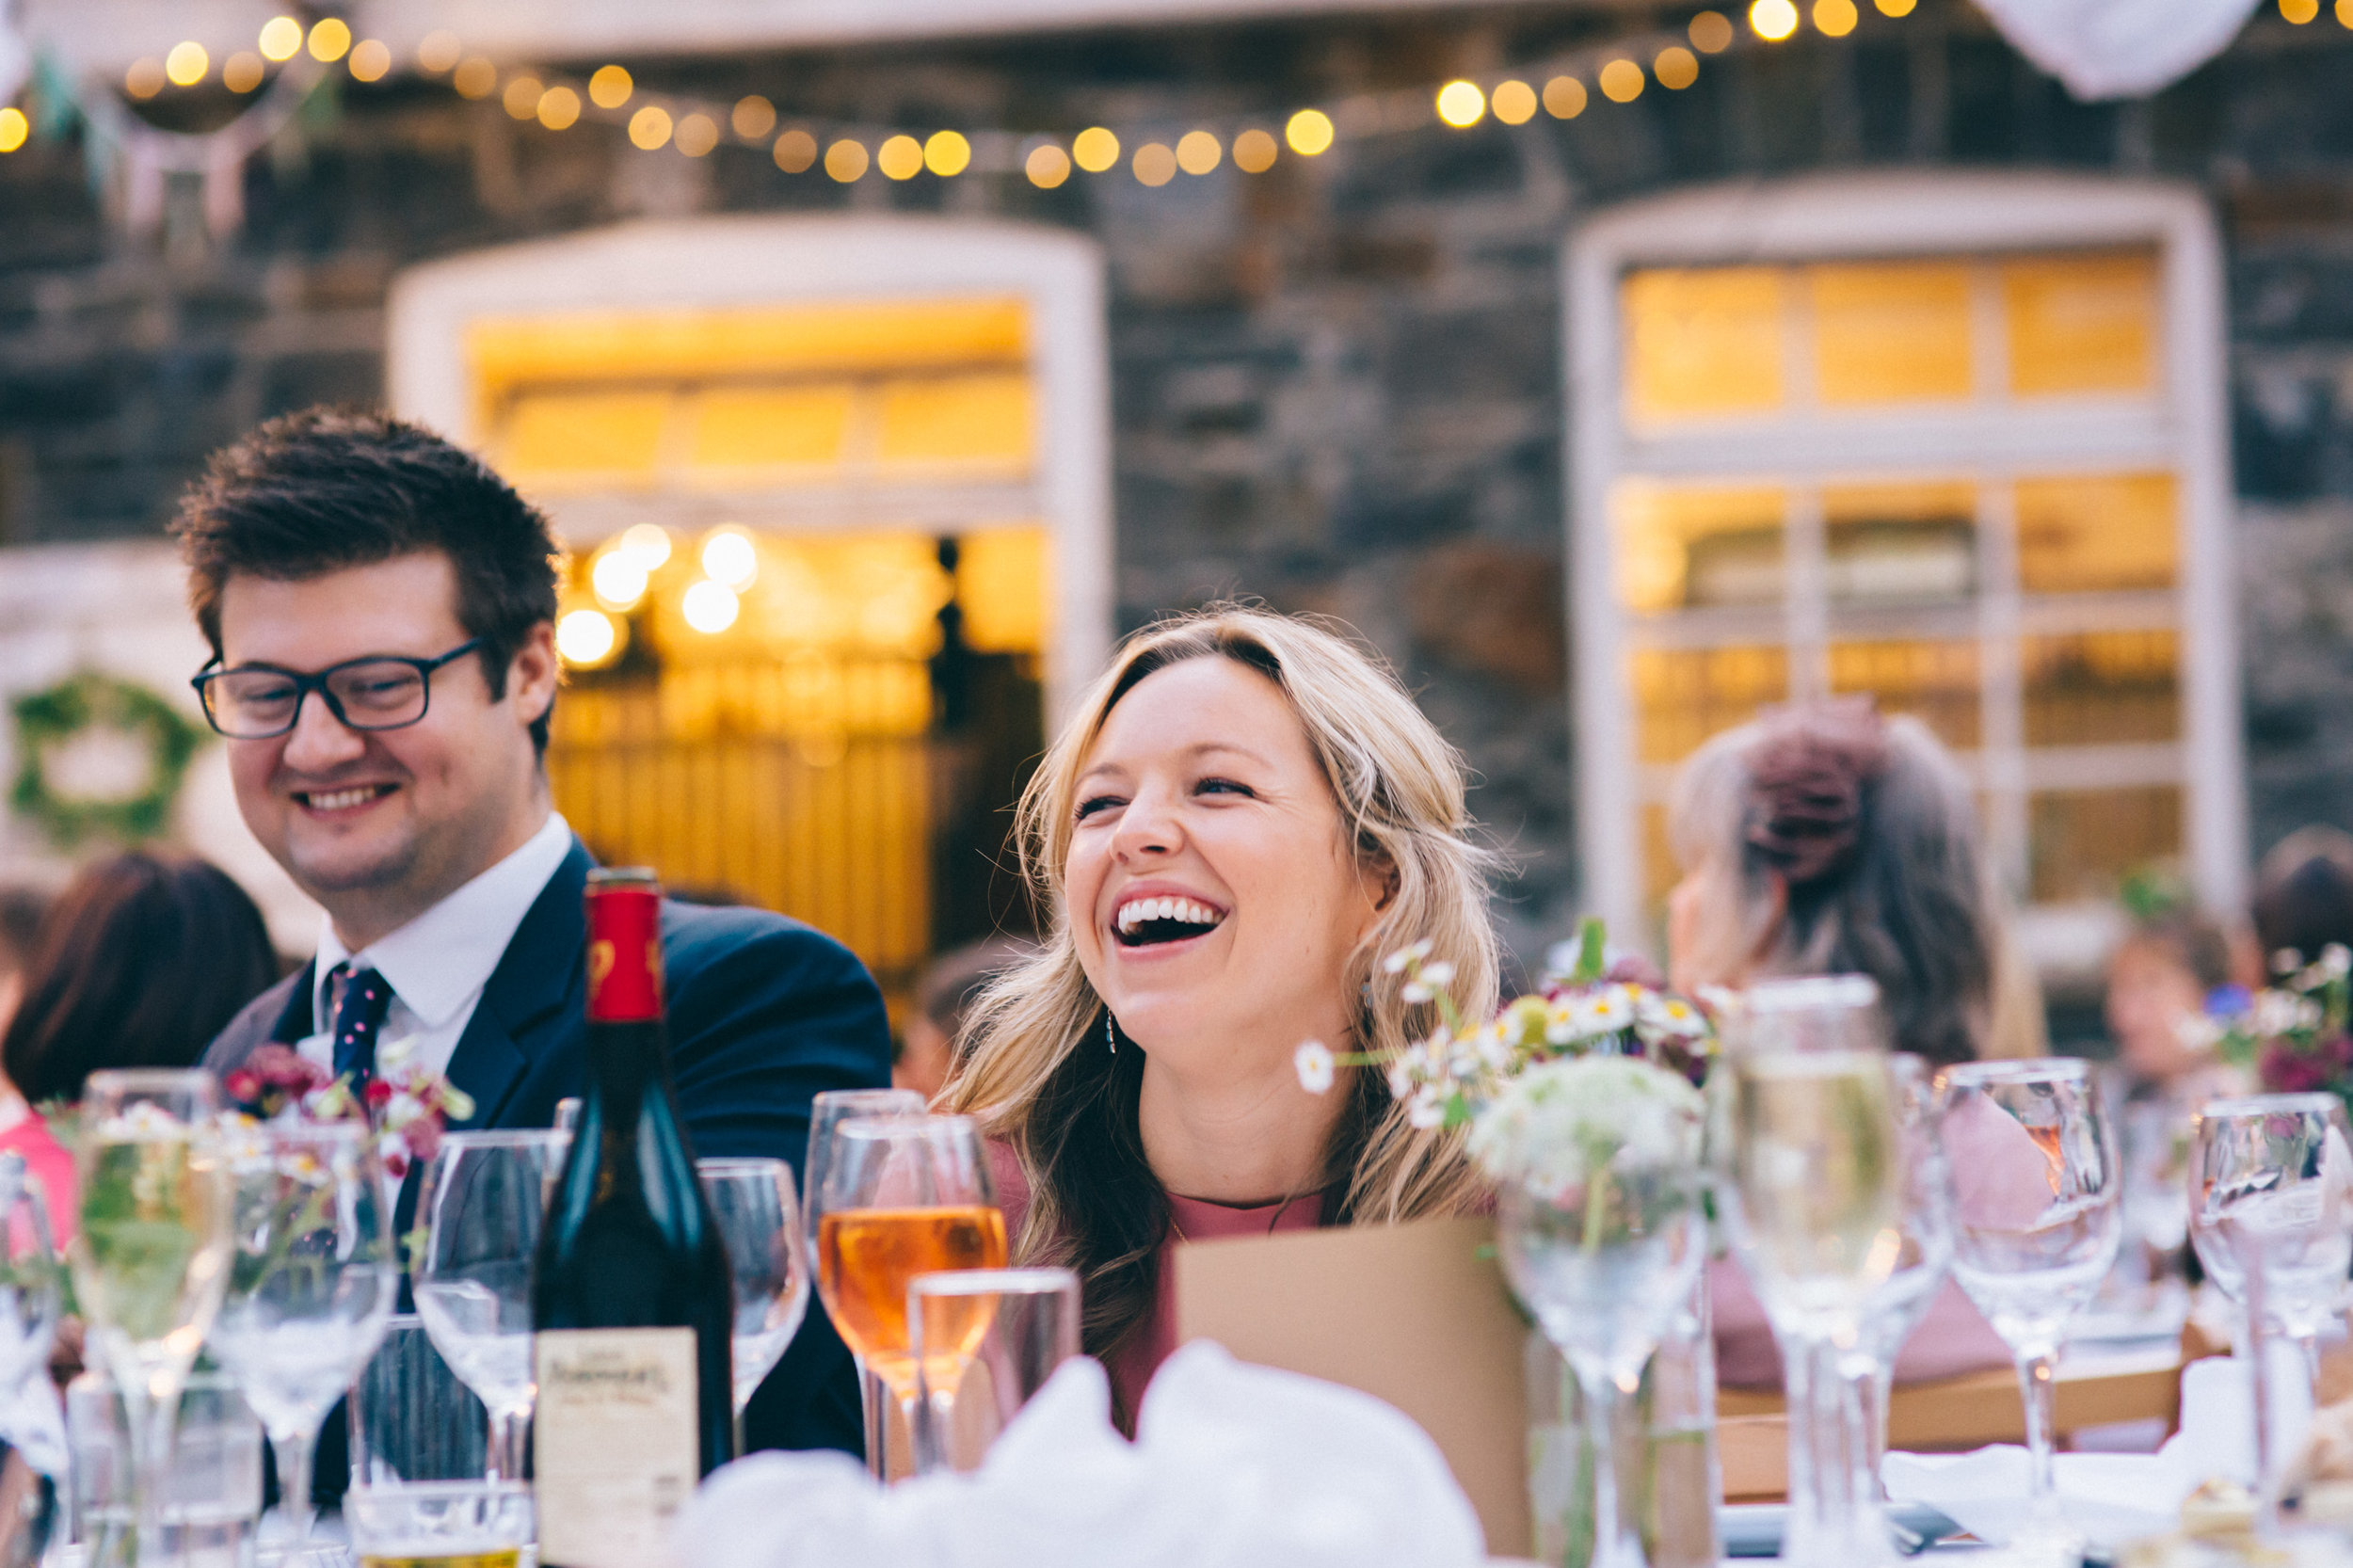 uk wedding photographer artistic wedding photography-117.jpg